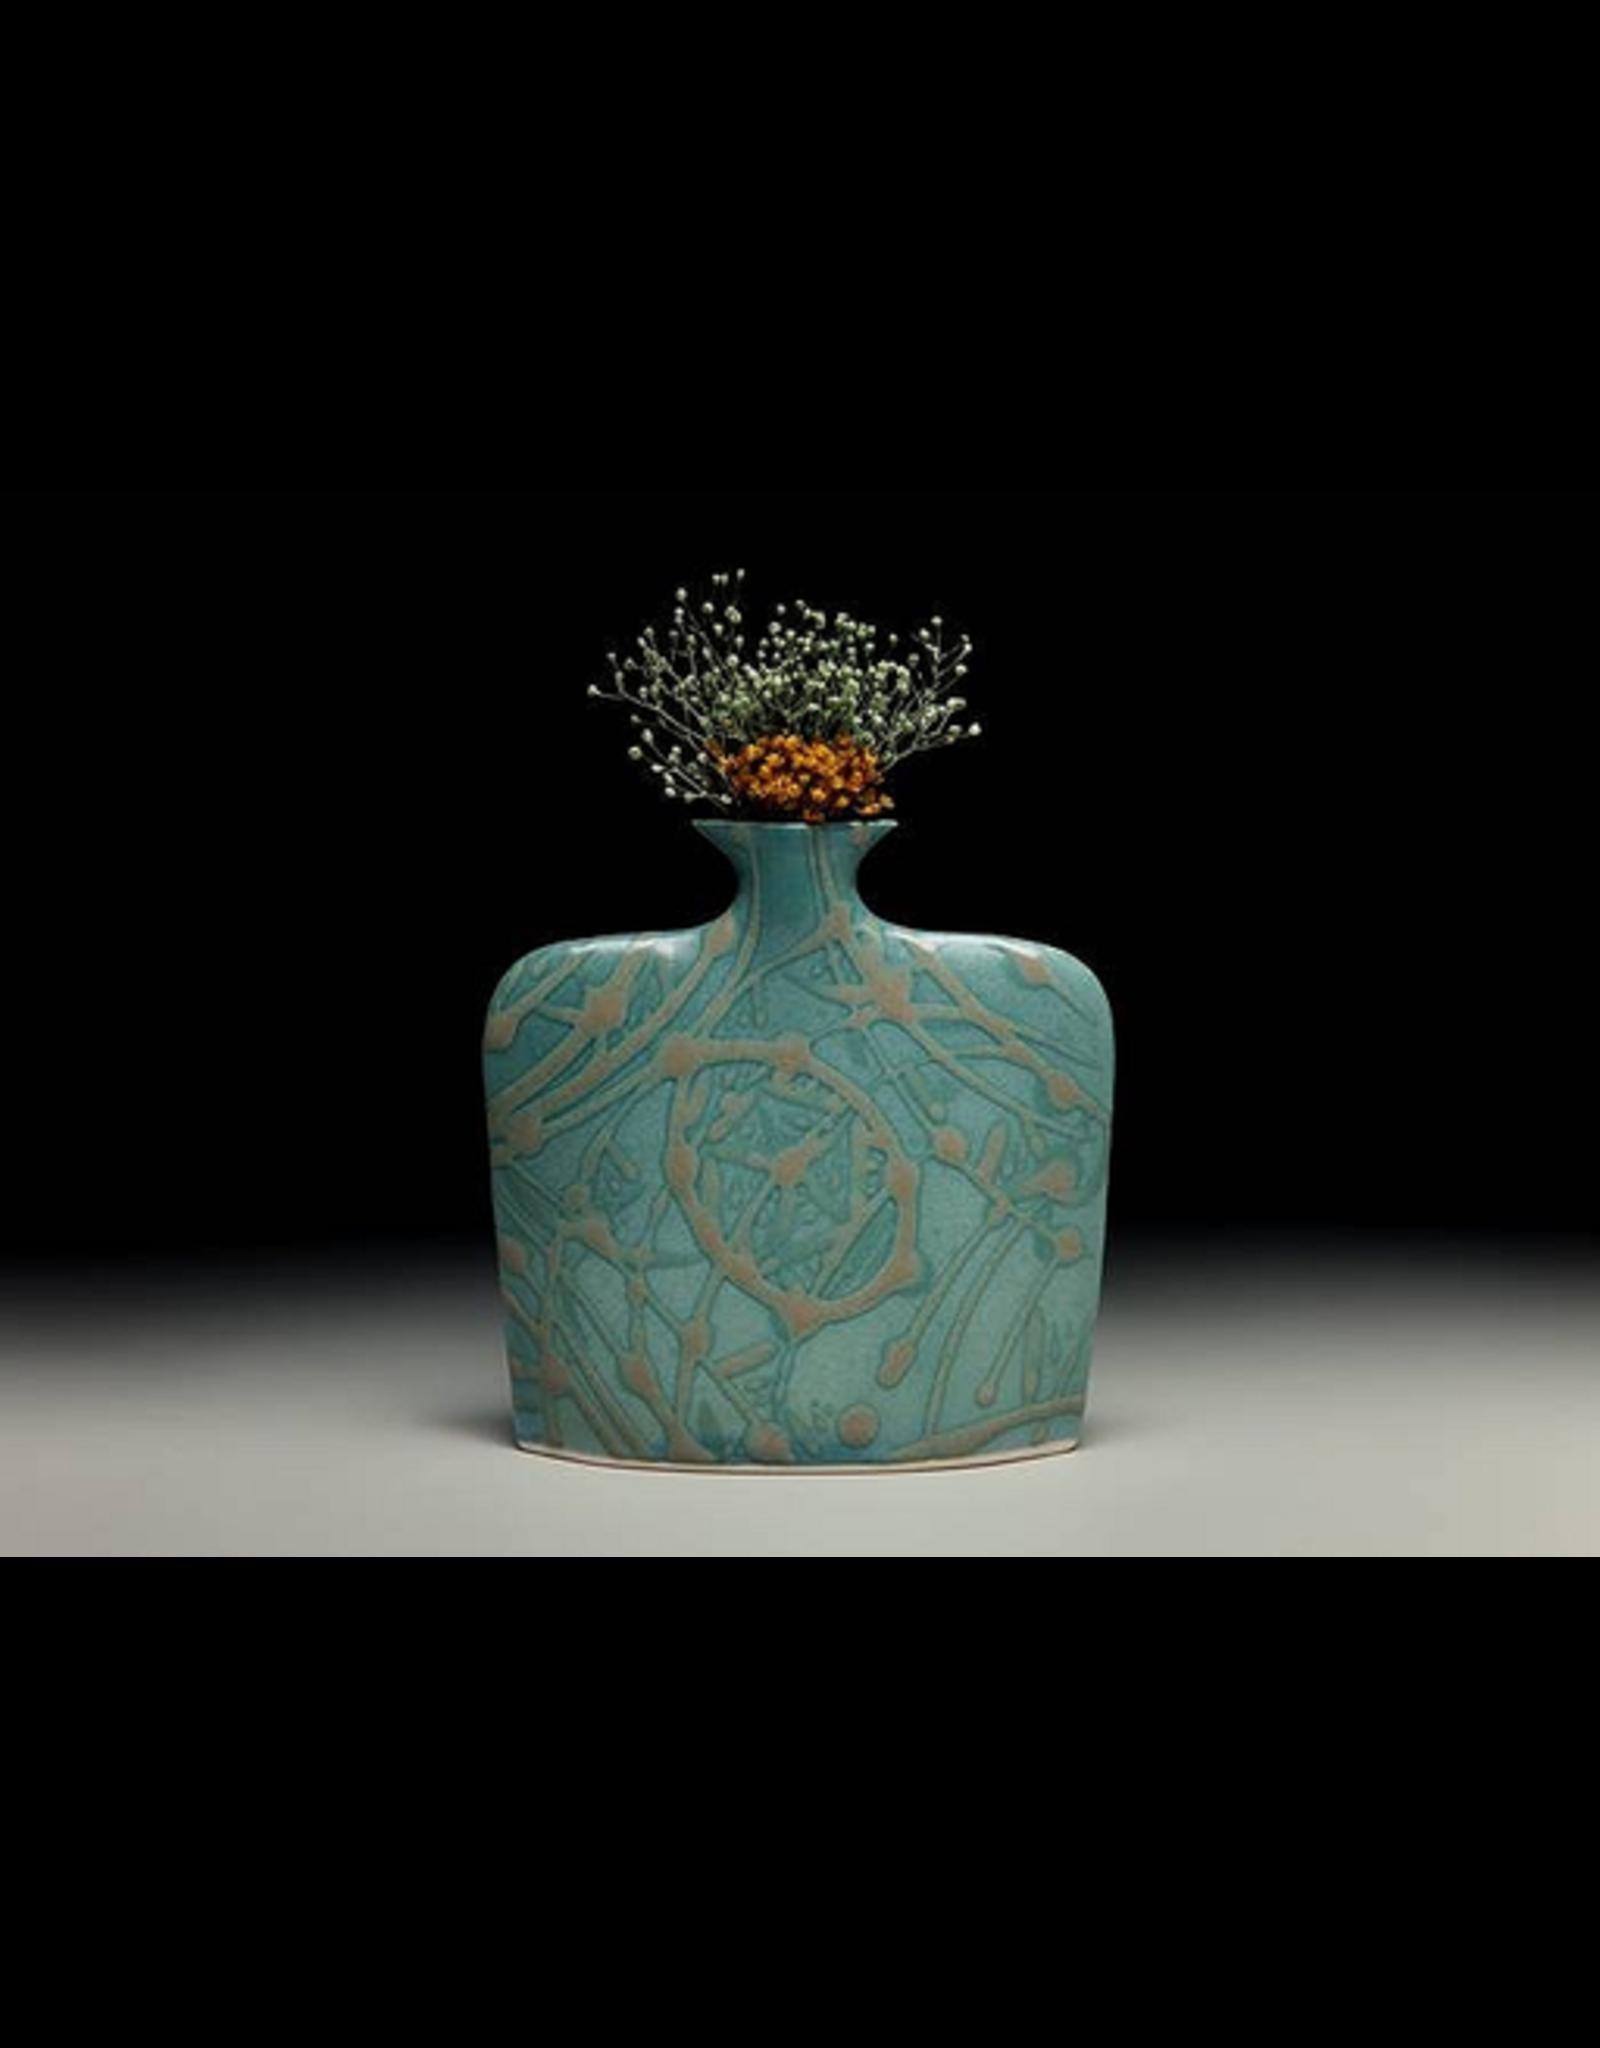 Earth & Sky Pottery Porcelain Slab Flower Vase (Sm)